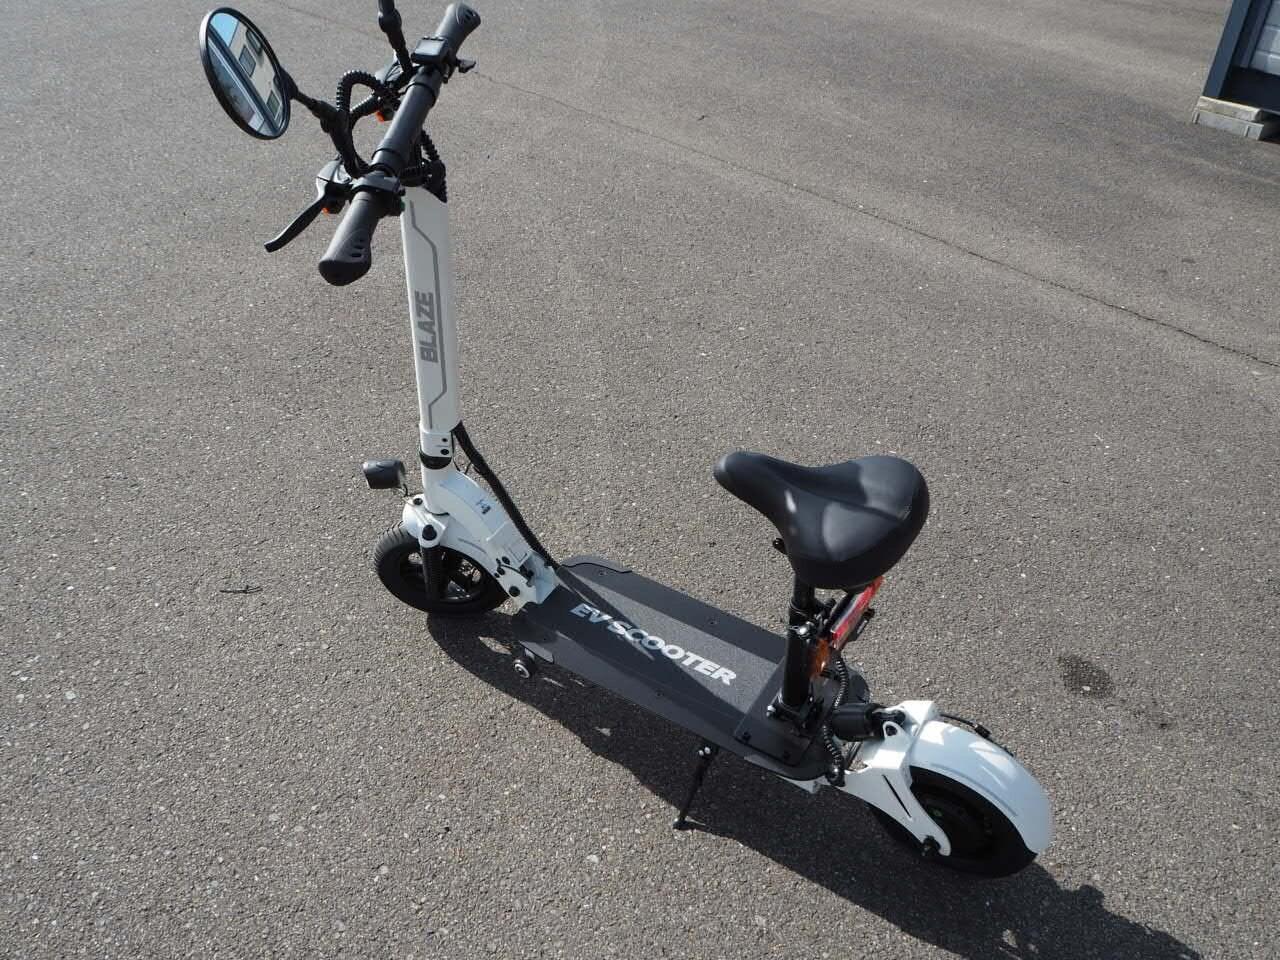 100%電気で動く折畳み可能な電動バイク ブレイズEVスクーター(ホワイト色)【現金払い・銀行振り込み専用チケット】のイメージその3